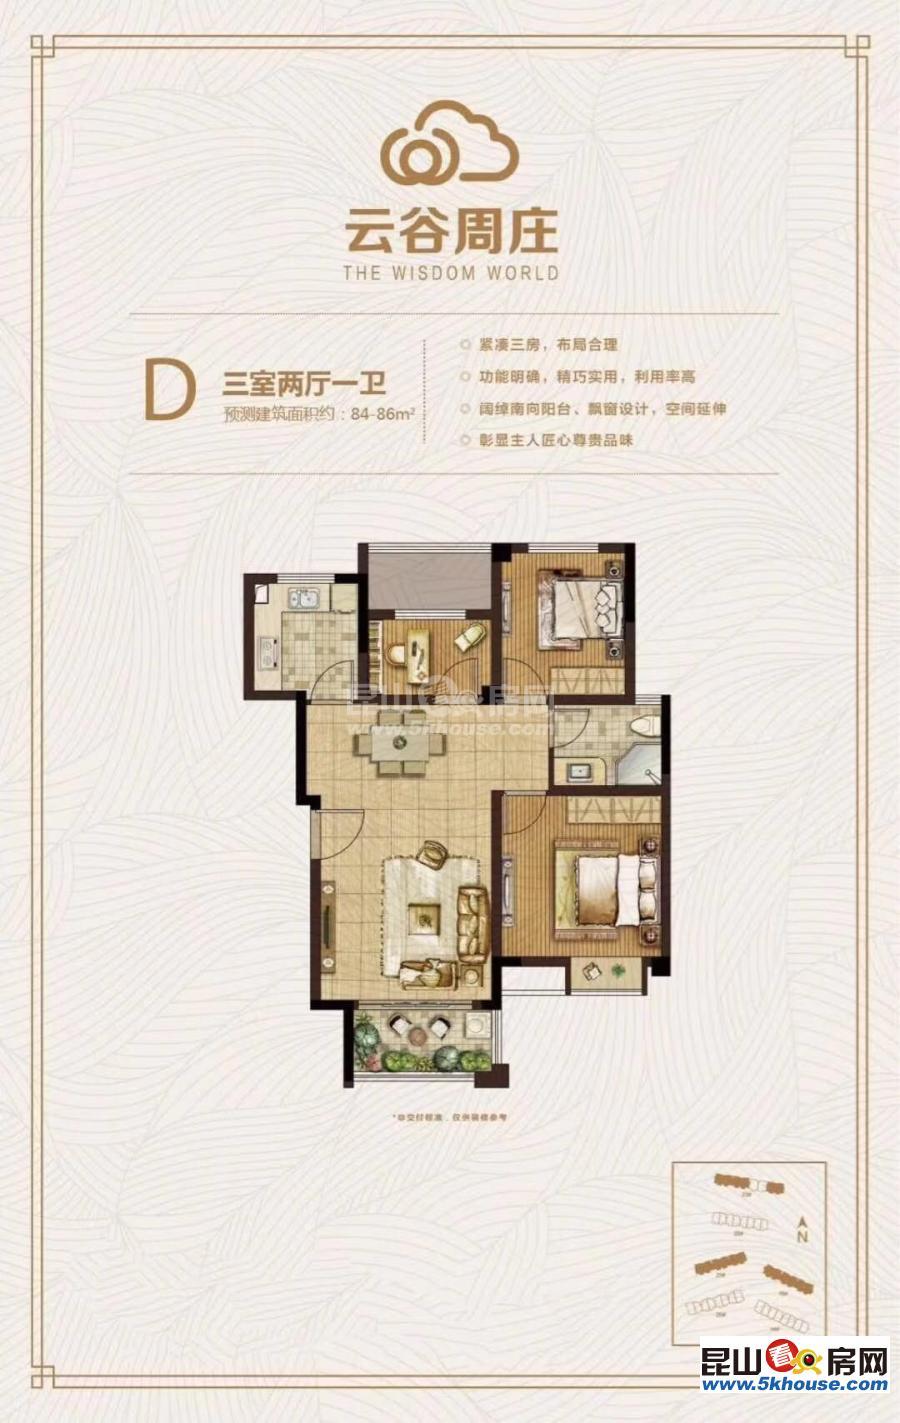 云谷周庄 74万 2室2厅1卫 毛坯 你可以拥有,理想的家